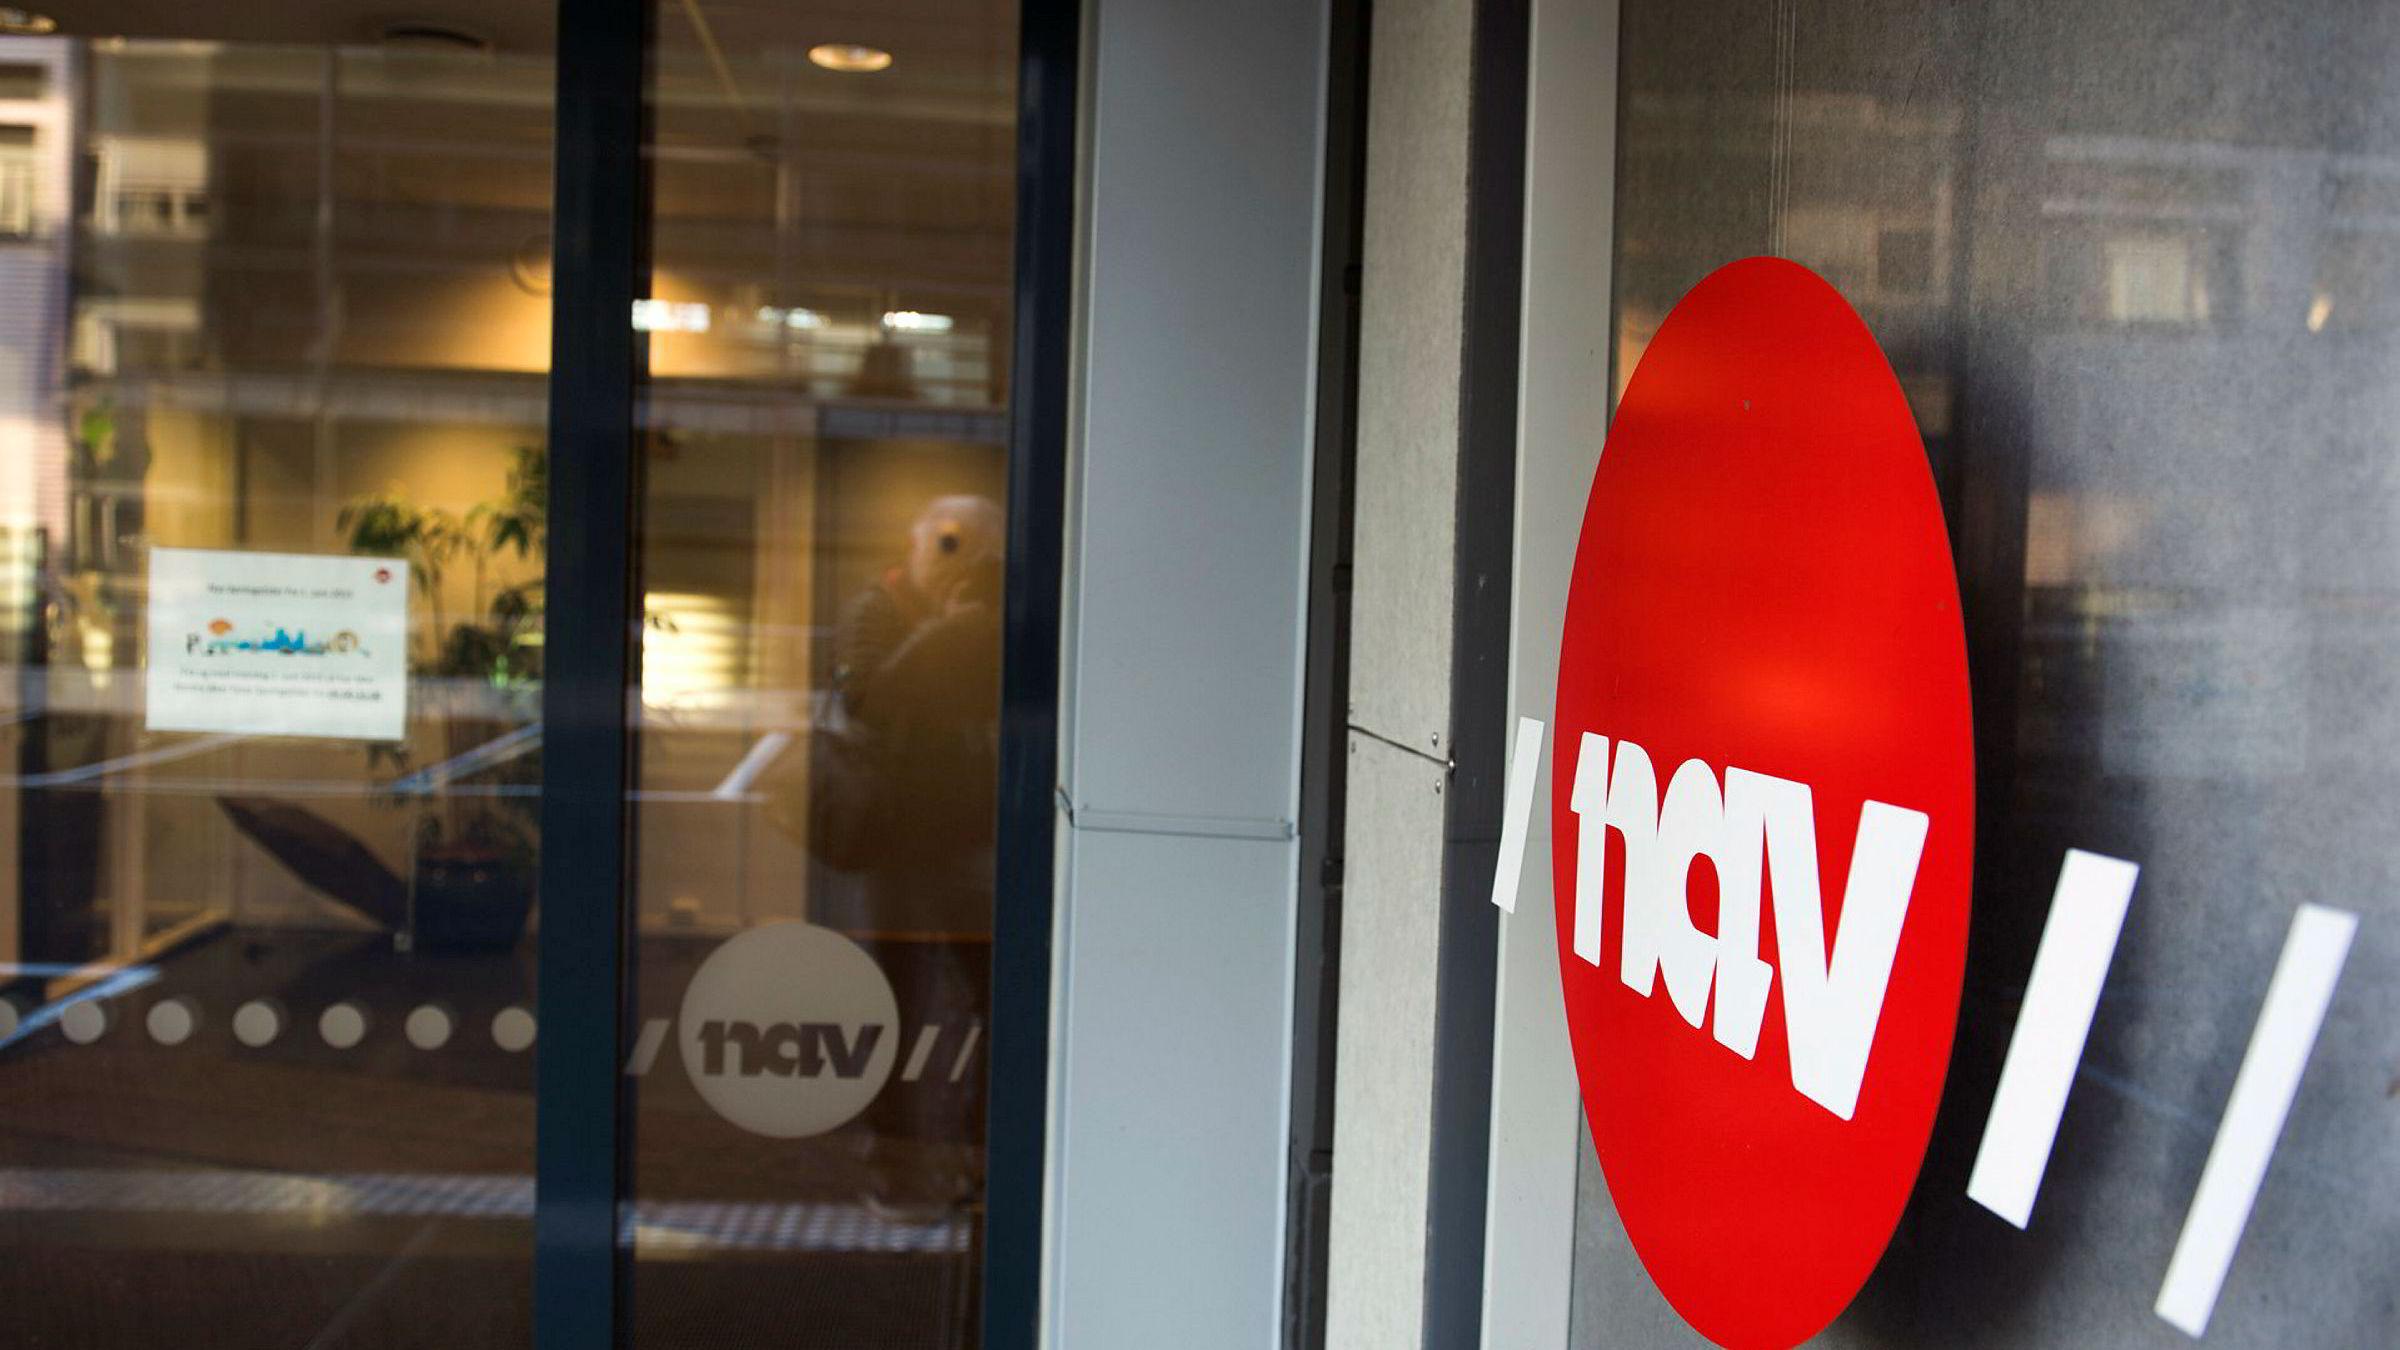 Avbildet er et Nav-kontor påNordre Aker i Oslo. Nav er en offentlig etat med ansvar for blant annet arbeidsledige og ulike velferdsordninger. Både Nav og SSB publiserer egne ledighetsstatistikker.